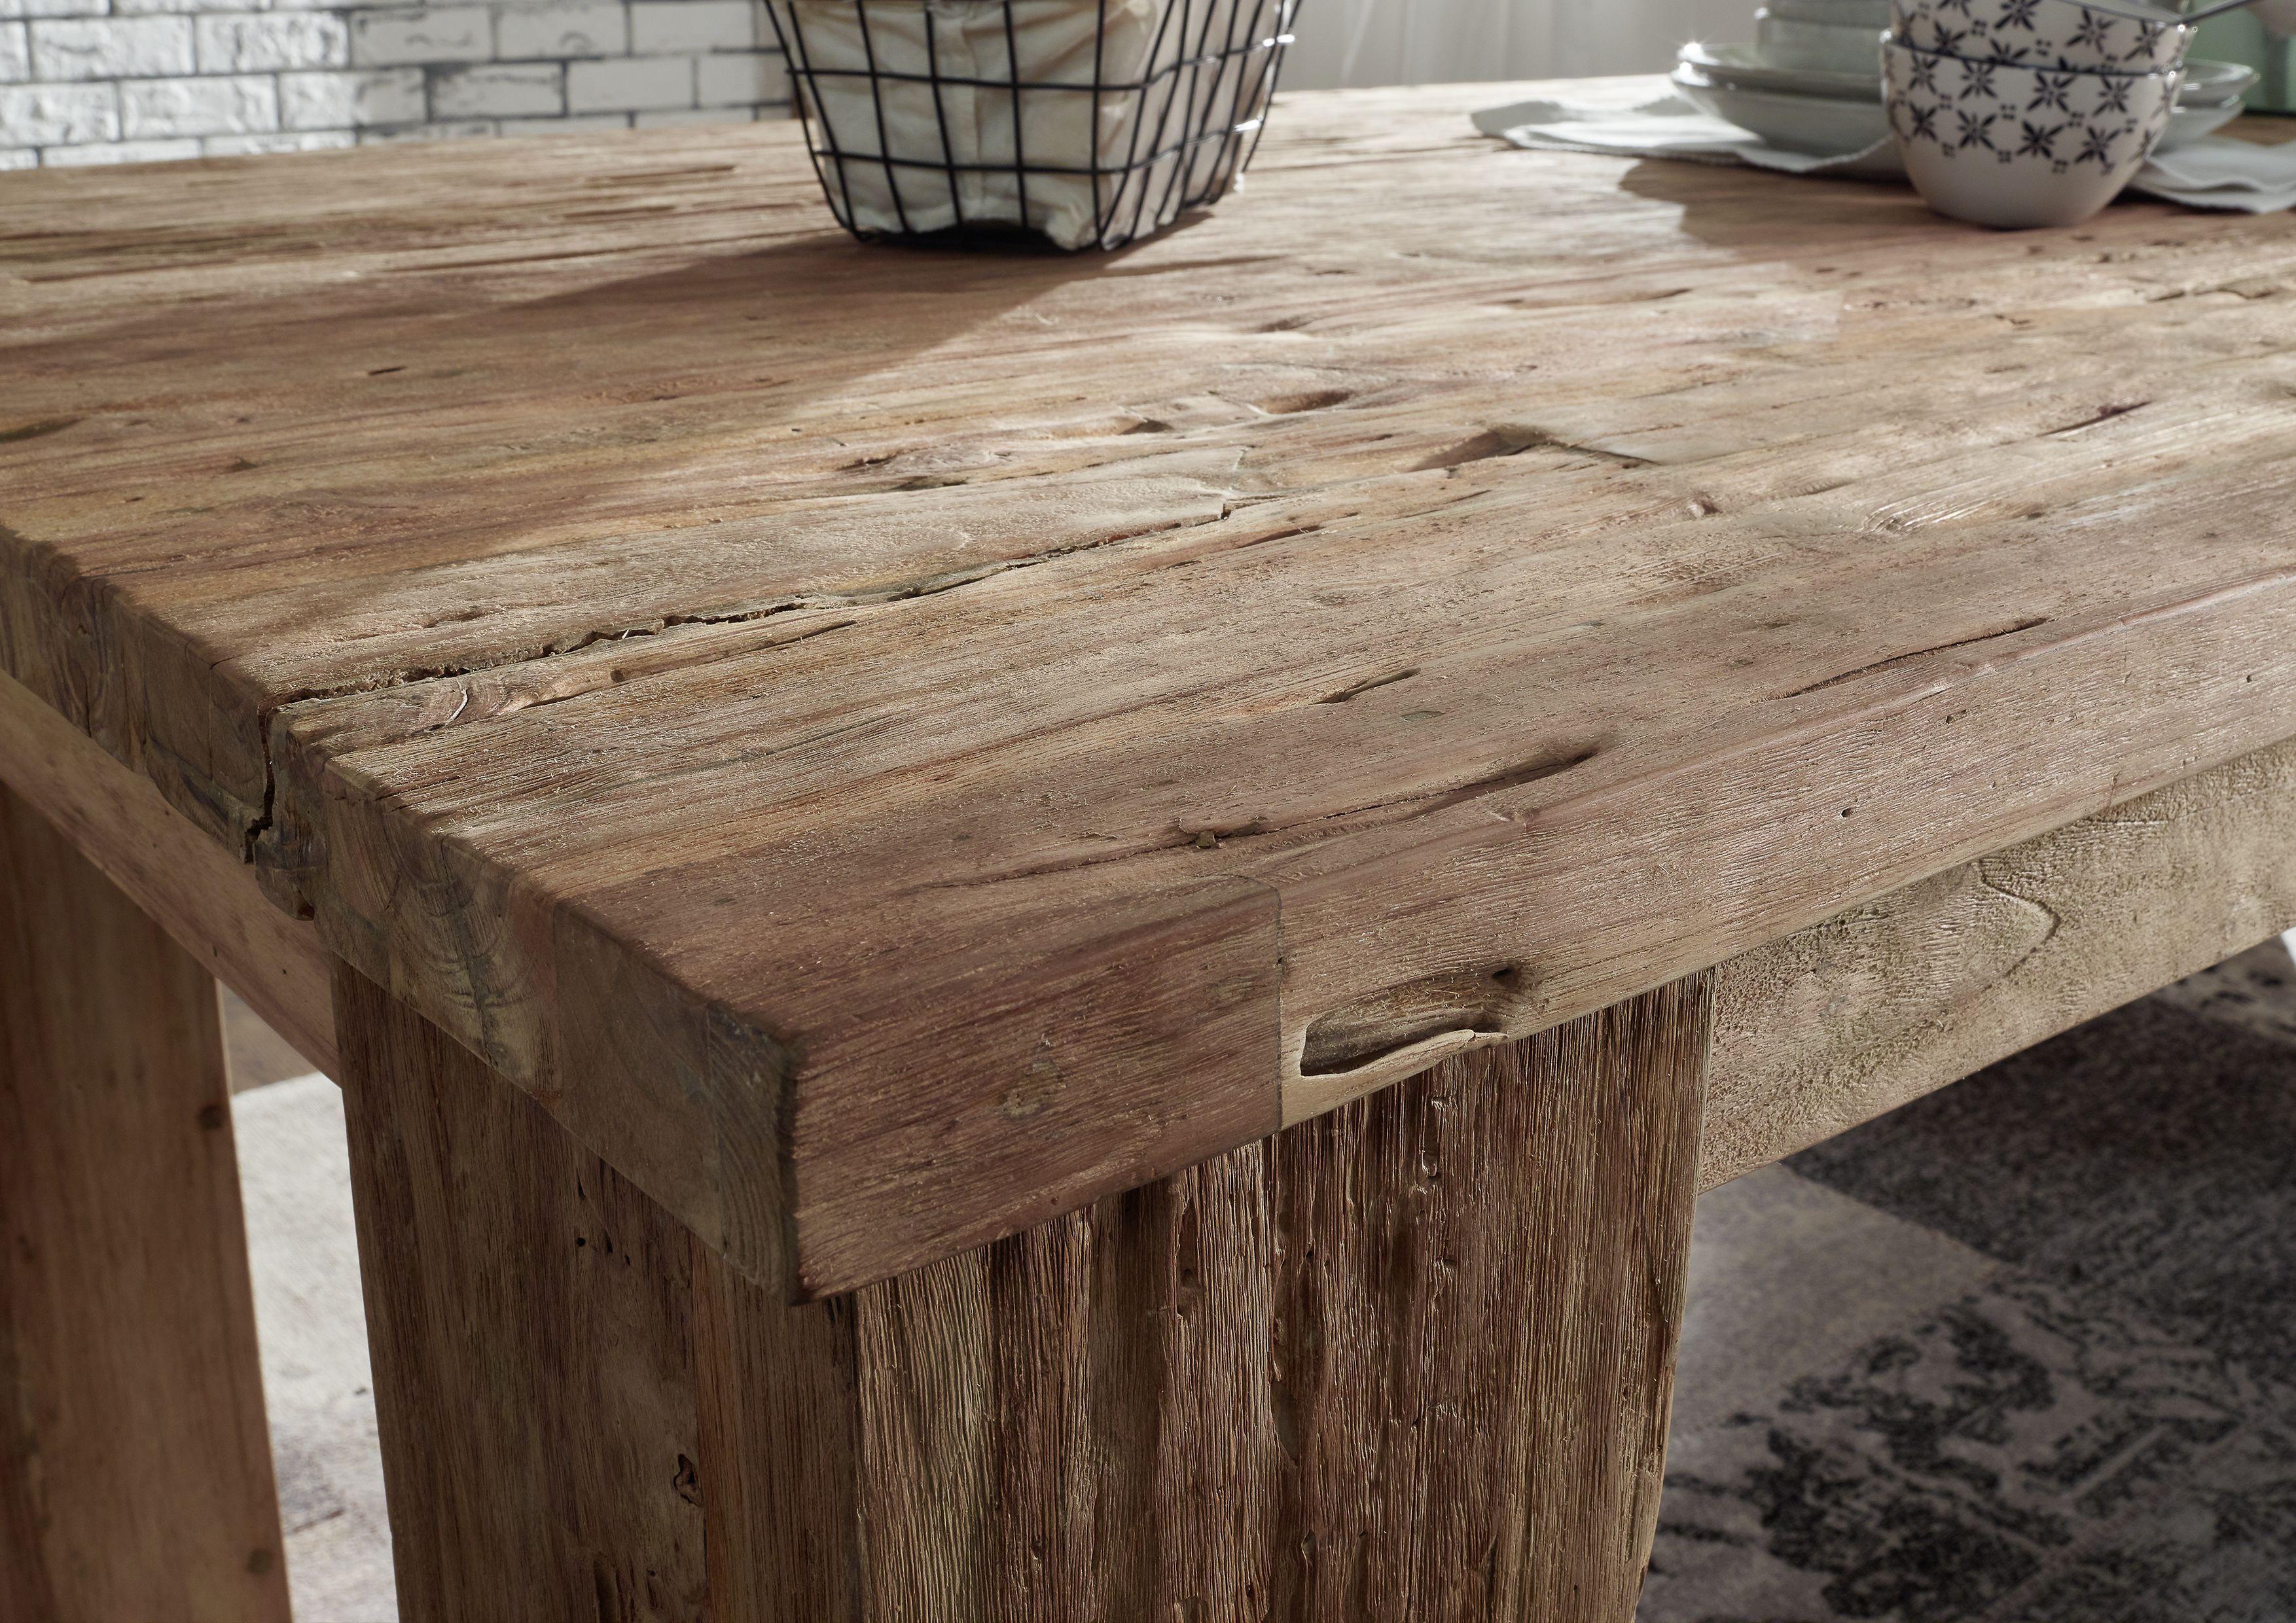 #möbel #wohnzimmer #holz #echtholz #massivholz #wood #wooddesign #woodwork  #homeinterior #interiordesign #homedecor #decor #einrichtung #furniture  #ideas ...